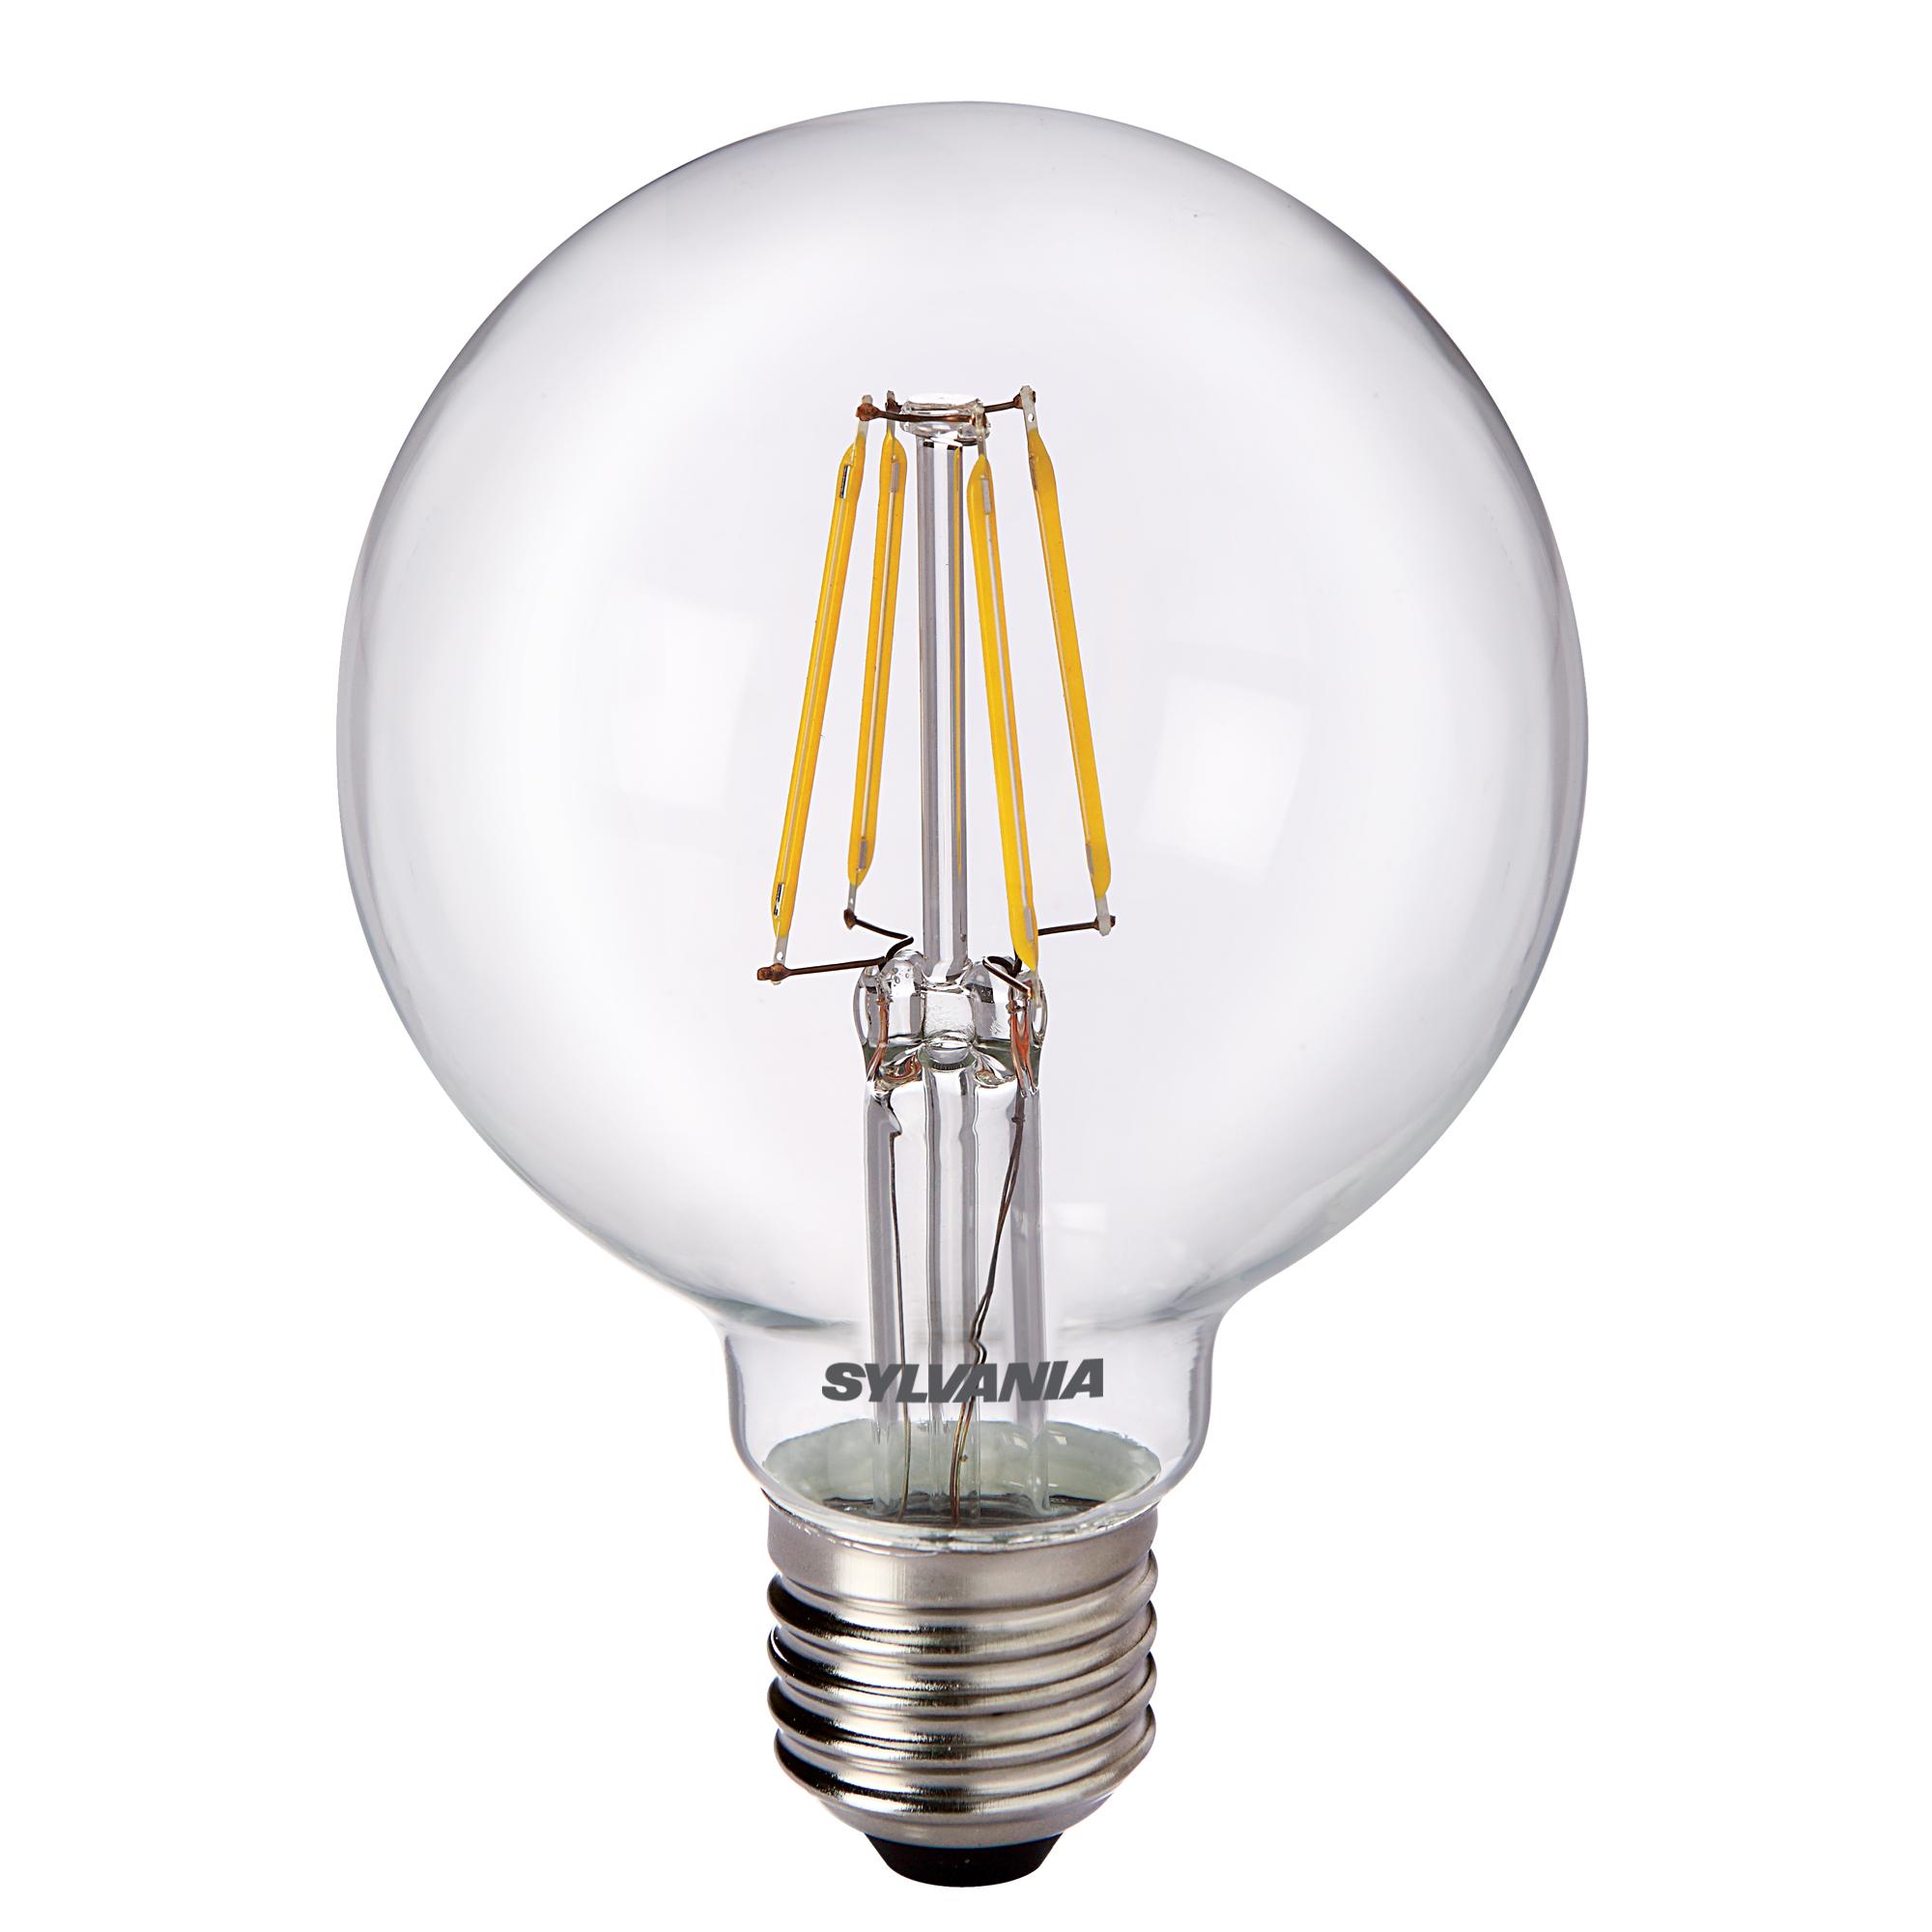 Sylvania led lampen toledo retro g80 parisarafo Choice Image